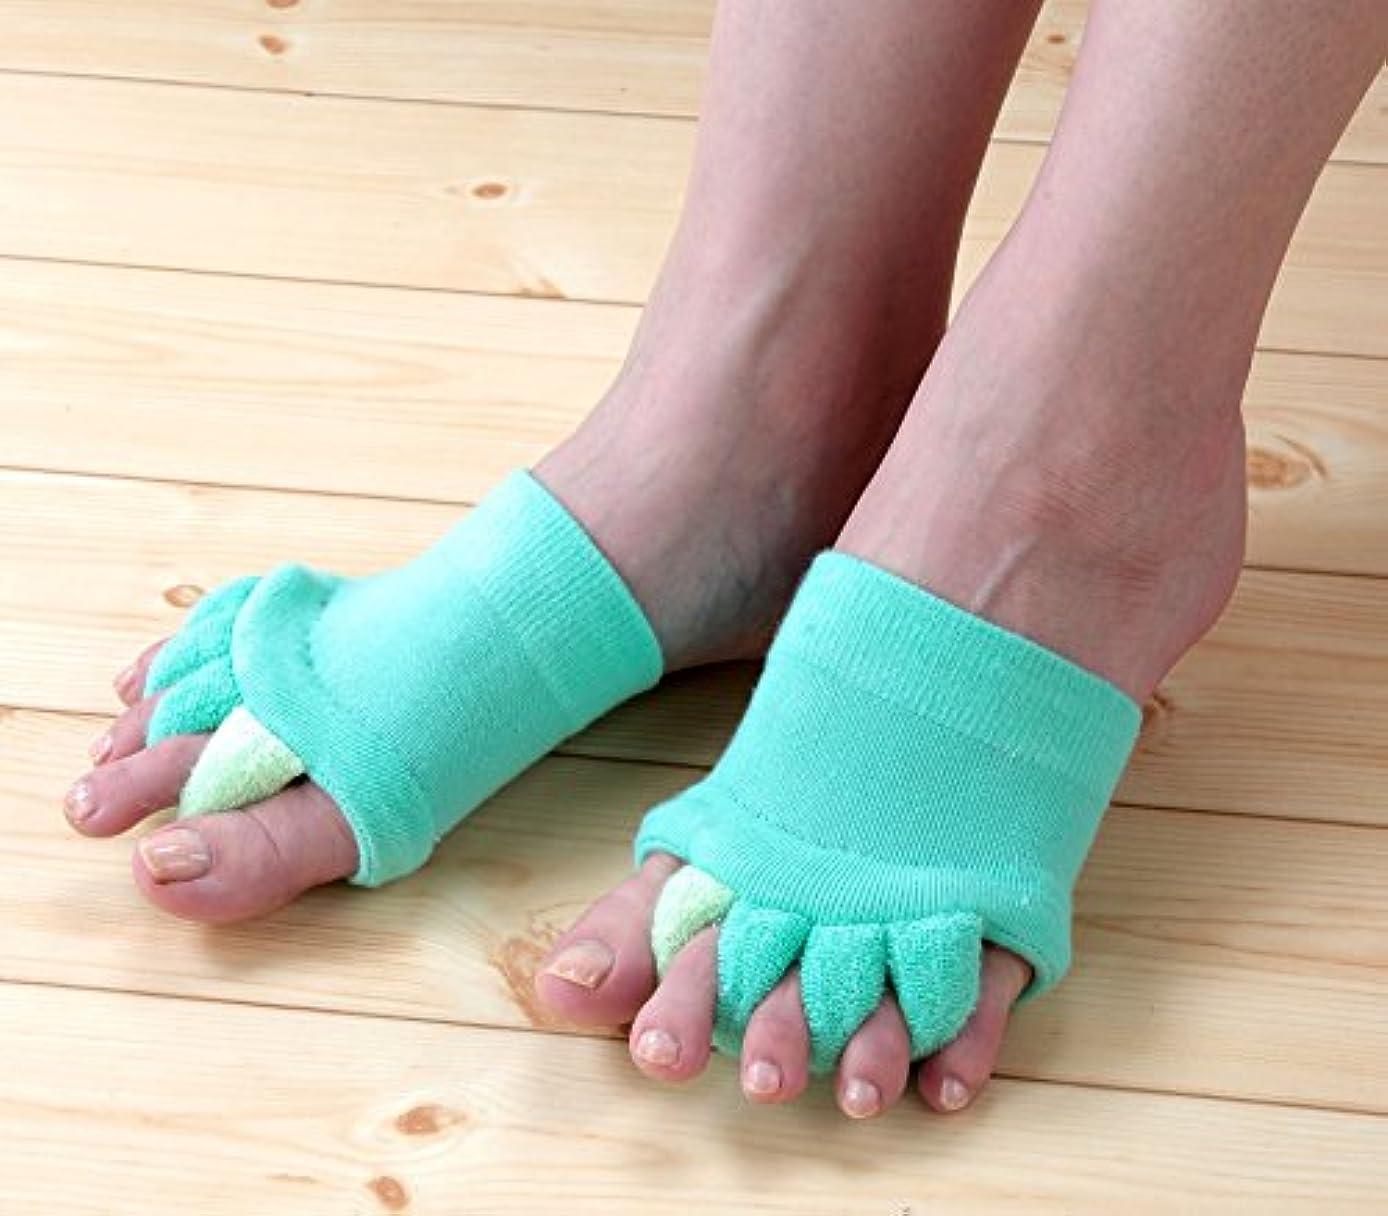 炎上乱暴な引退したNEWふわふわ足指セパレータ 3色組